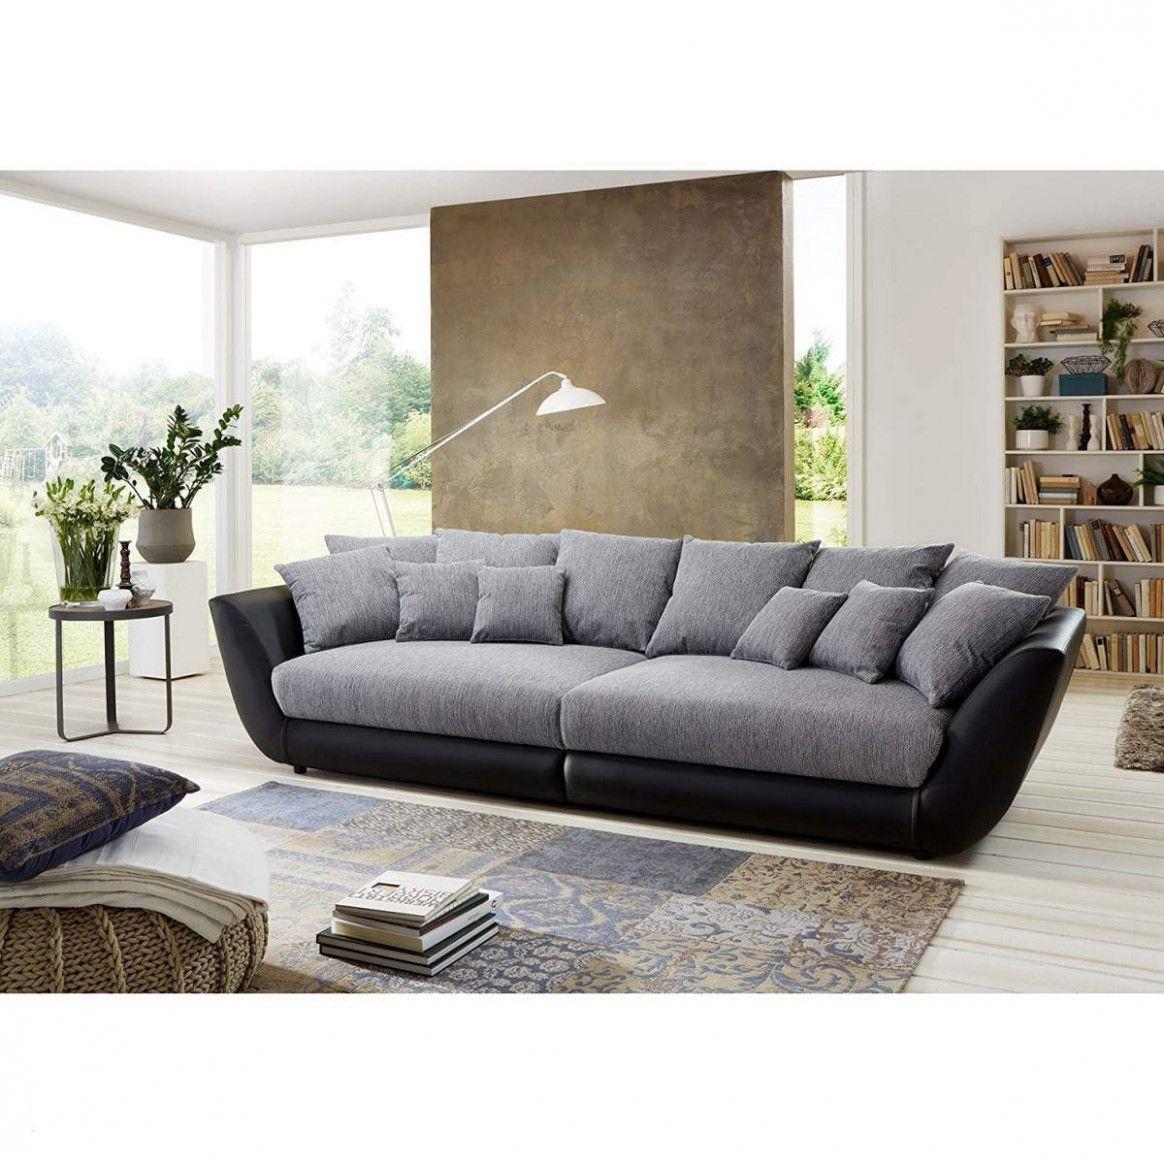 10 Otto Versand Wohnzimmer Couch Tipps, Die Sie Jetzt ...